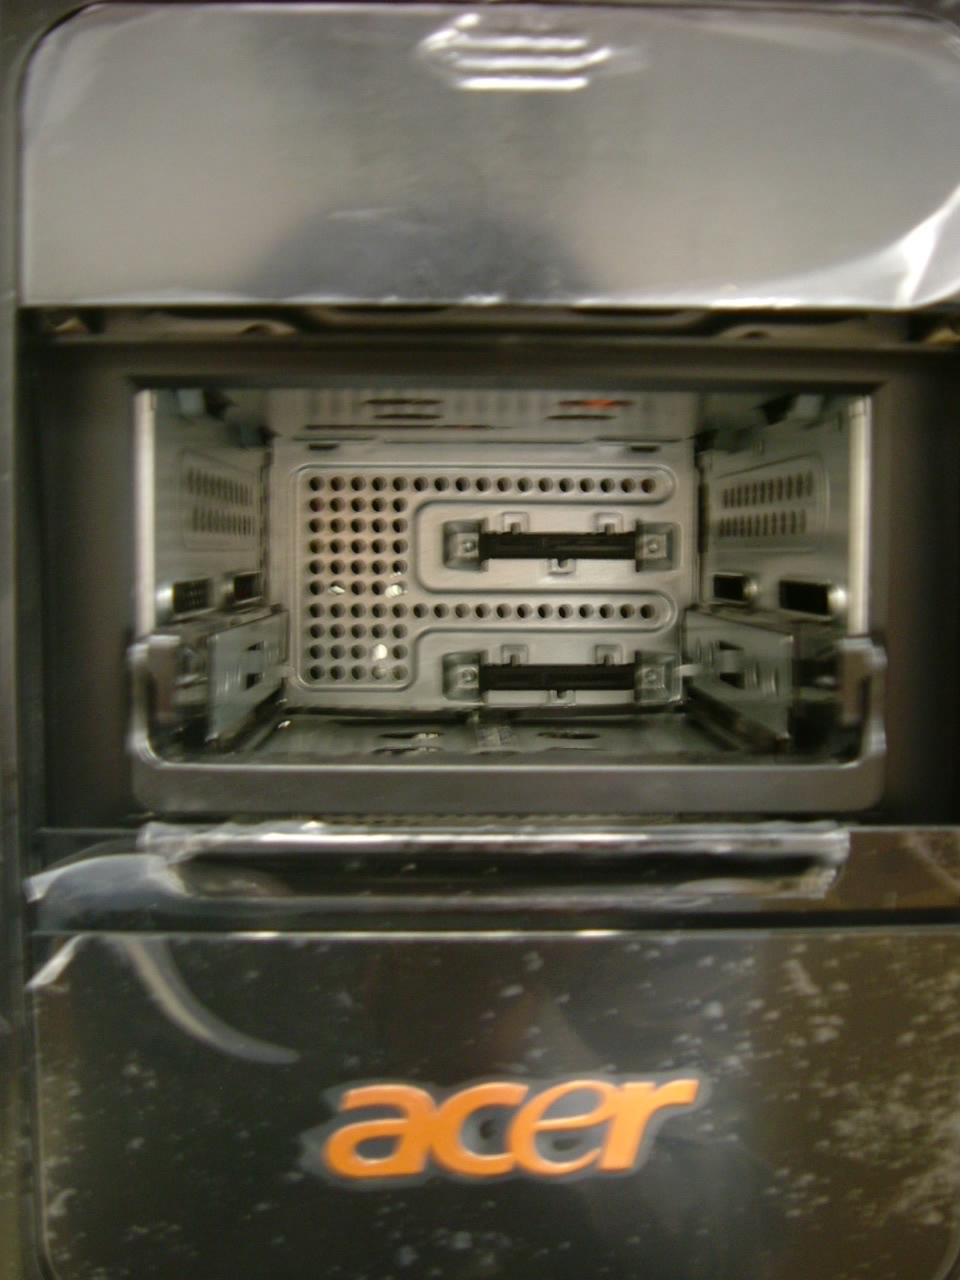 DSCF6990.JPG